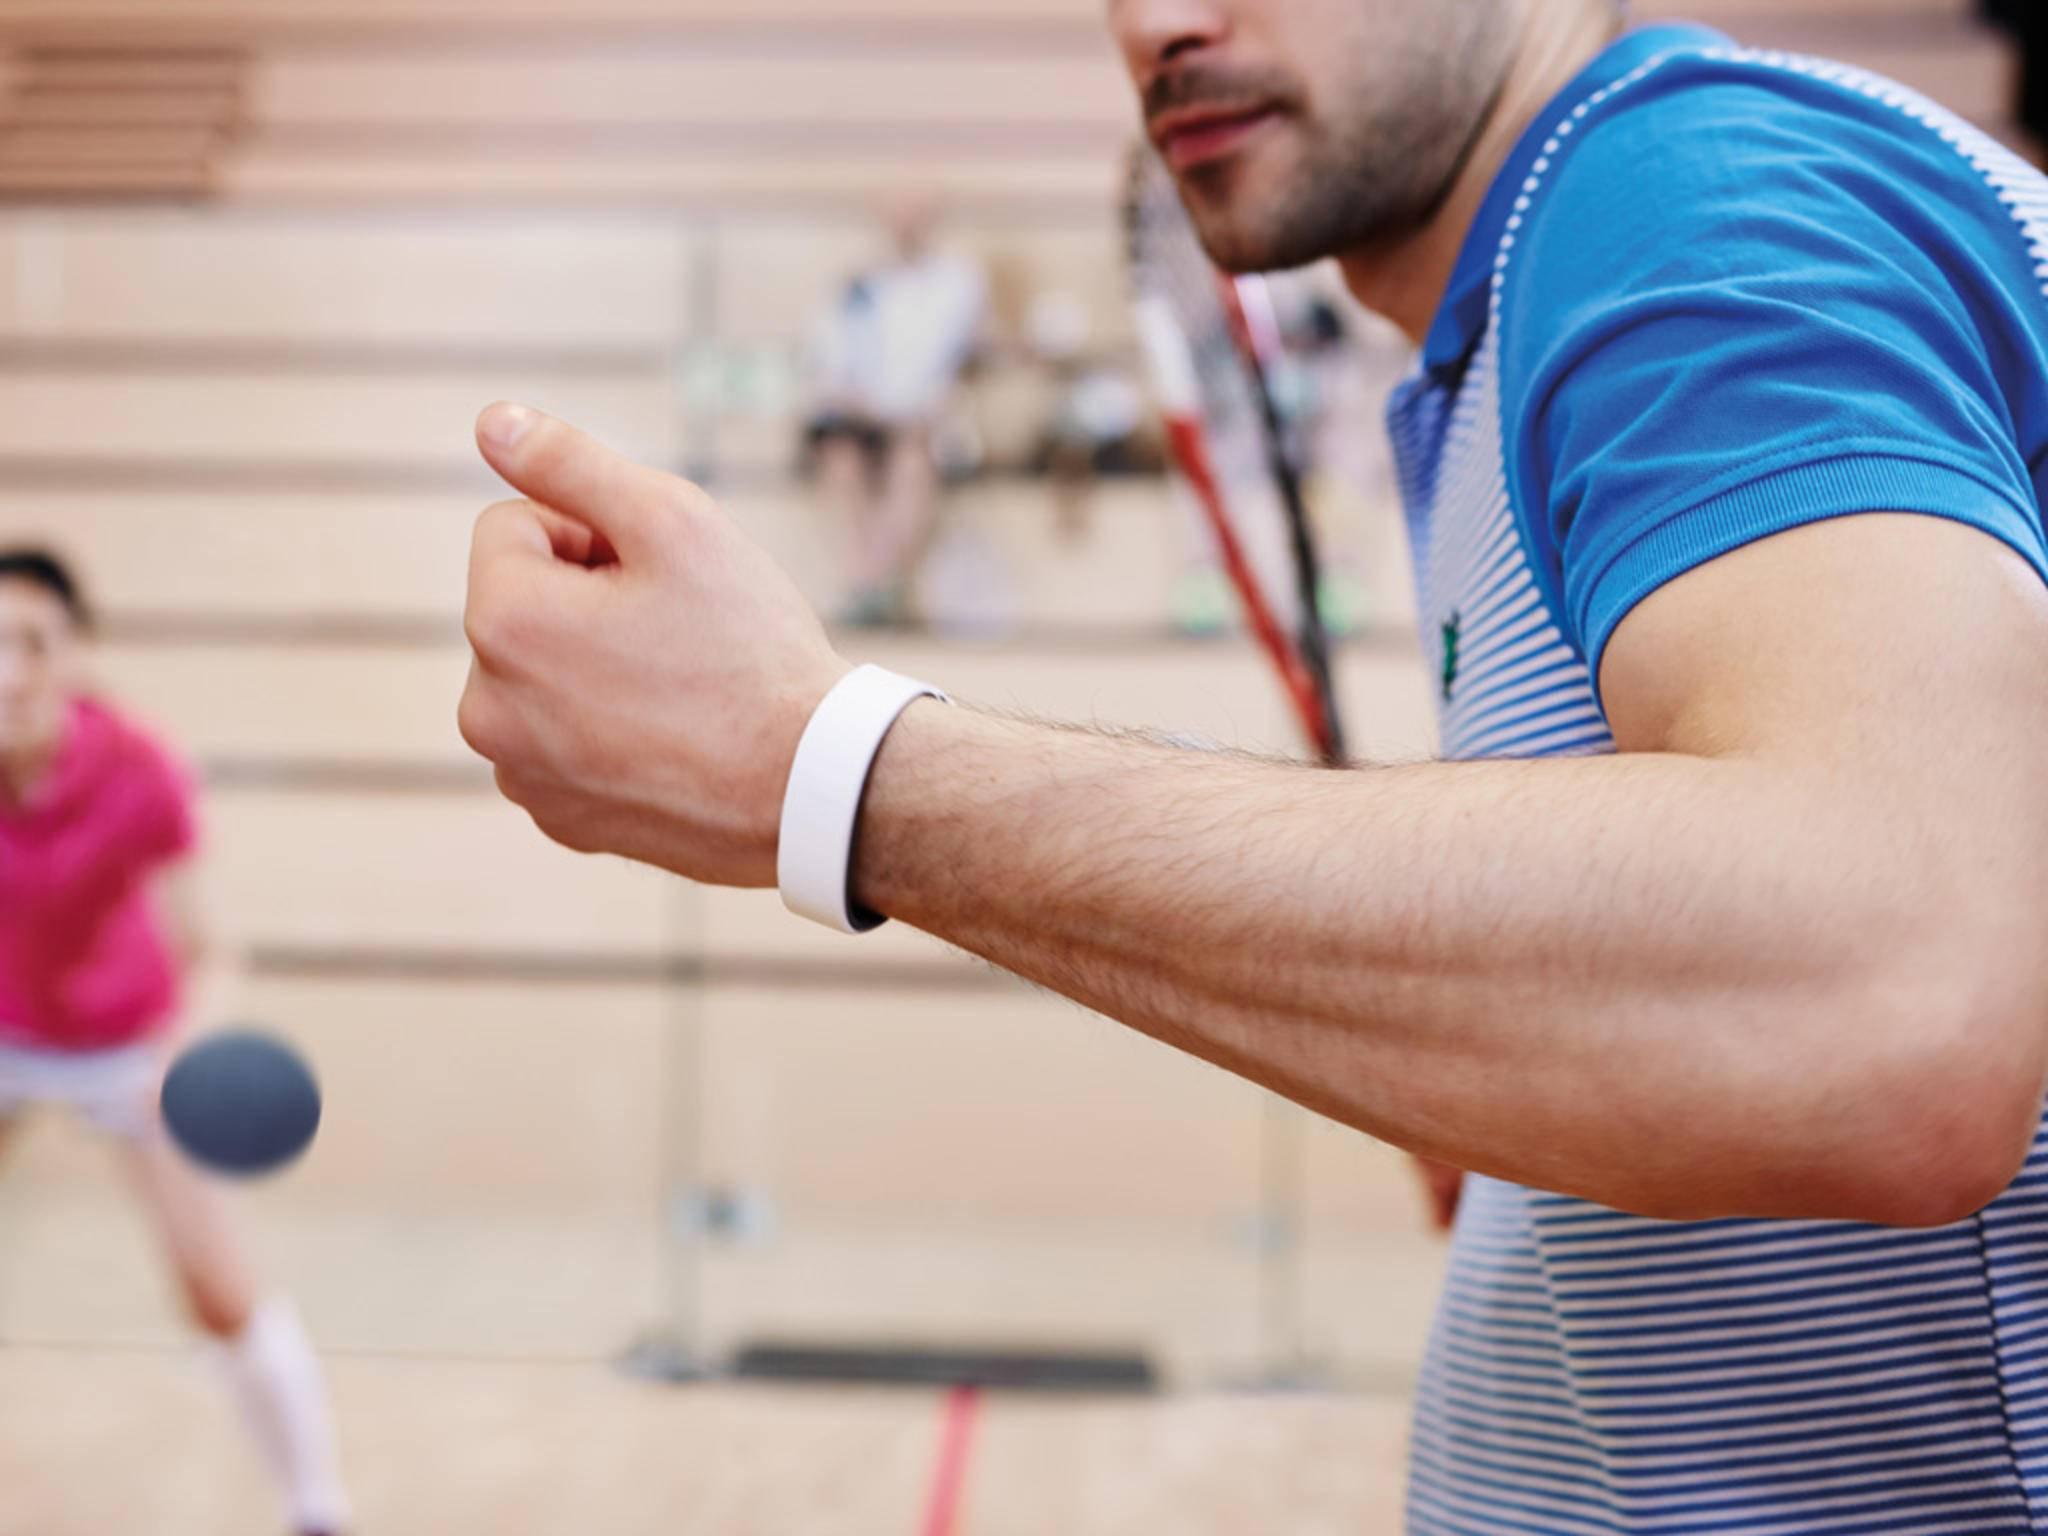 Das SmartBand 2 soll sich als nützlicher Helfer für sportliche Aktivitäten erweisen.